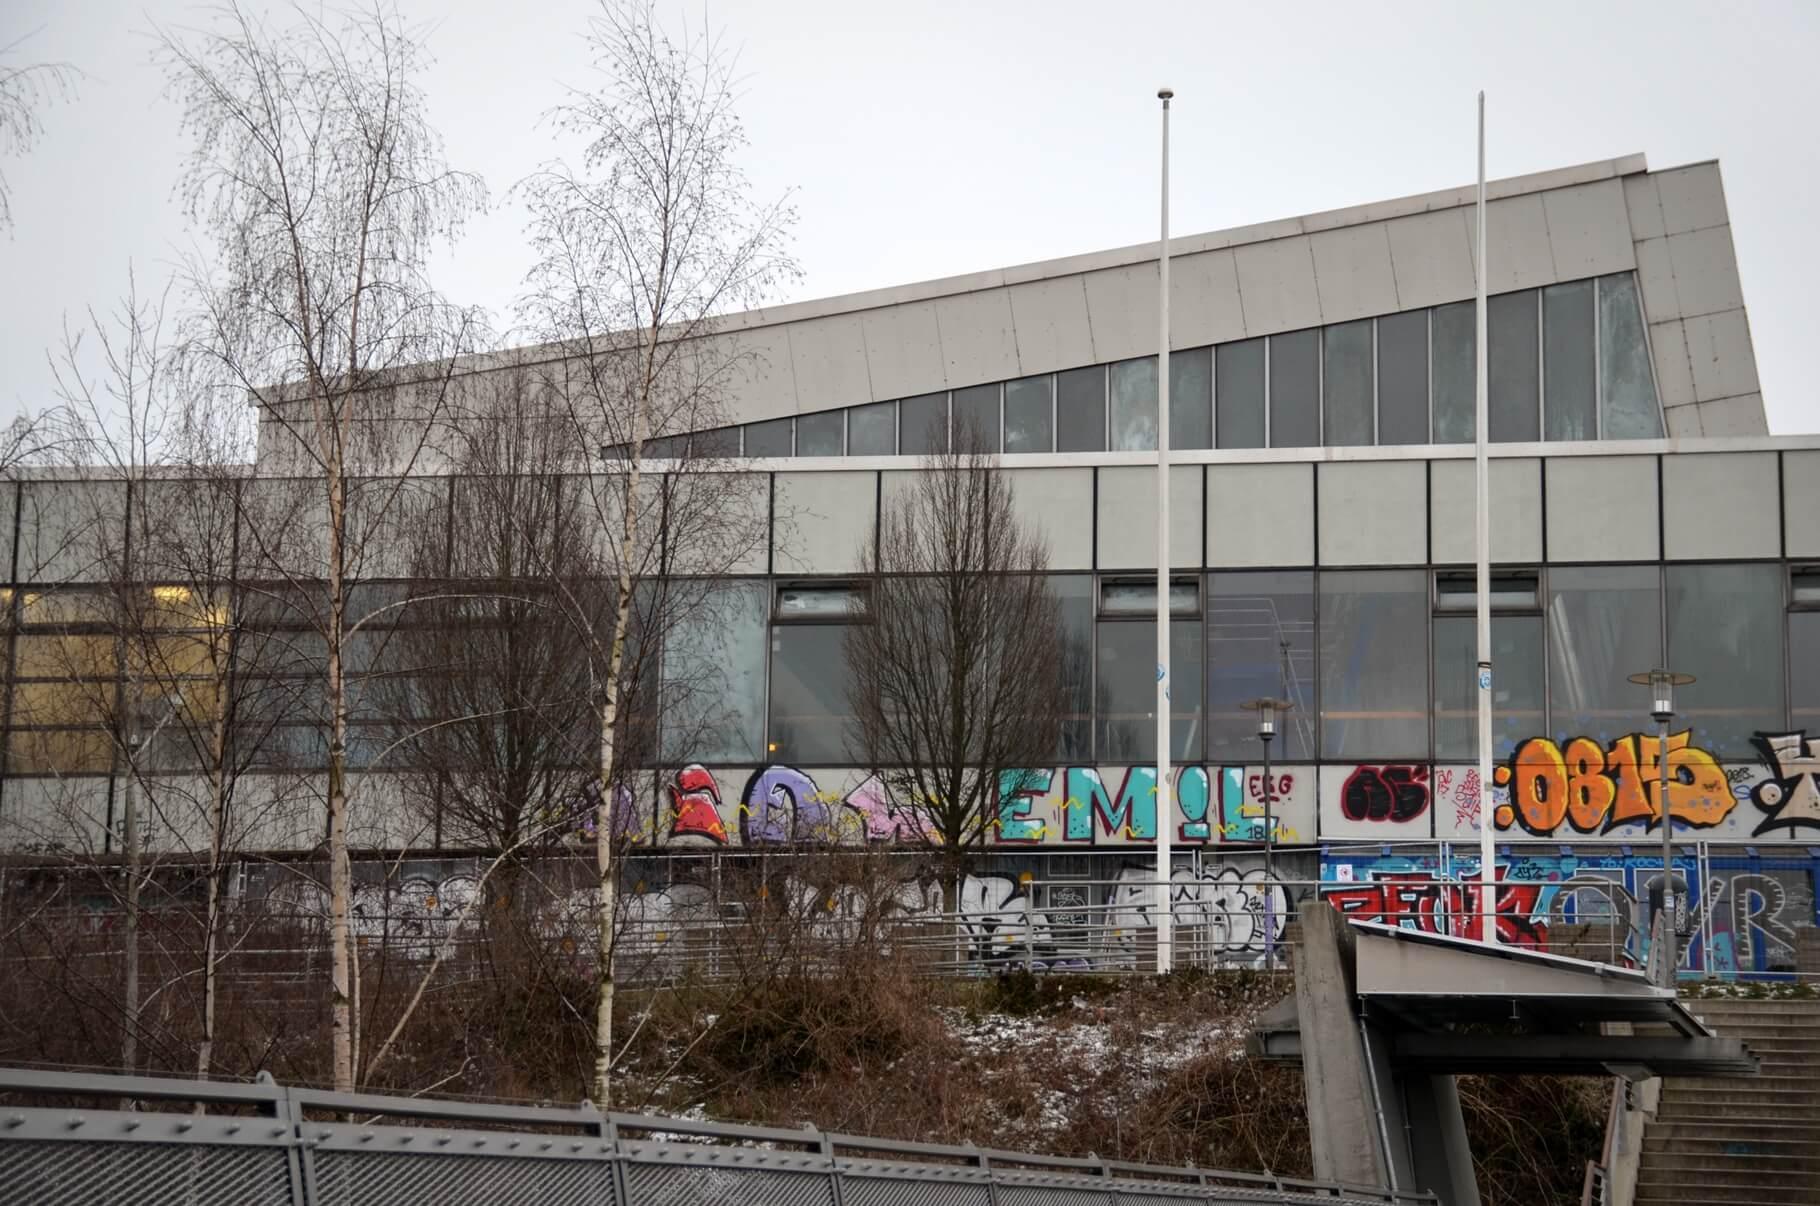 Schwimmhalle in Kiel-Gaarden mit Graffiti, davor ein Bauzaun.